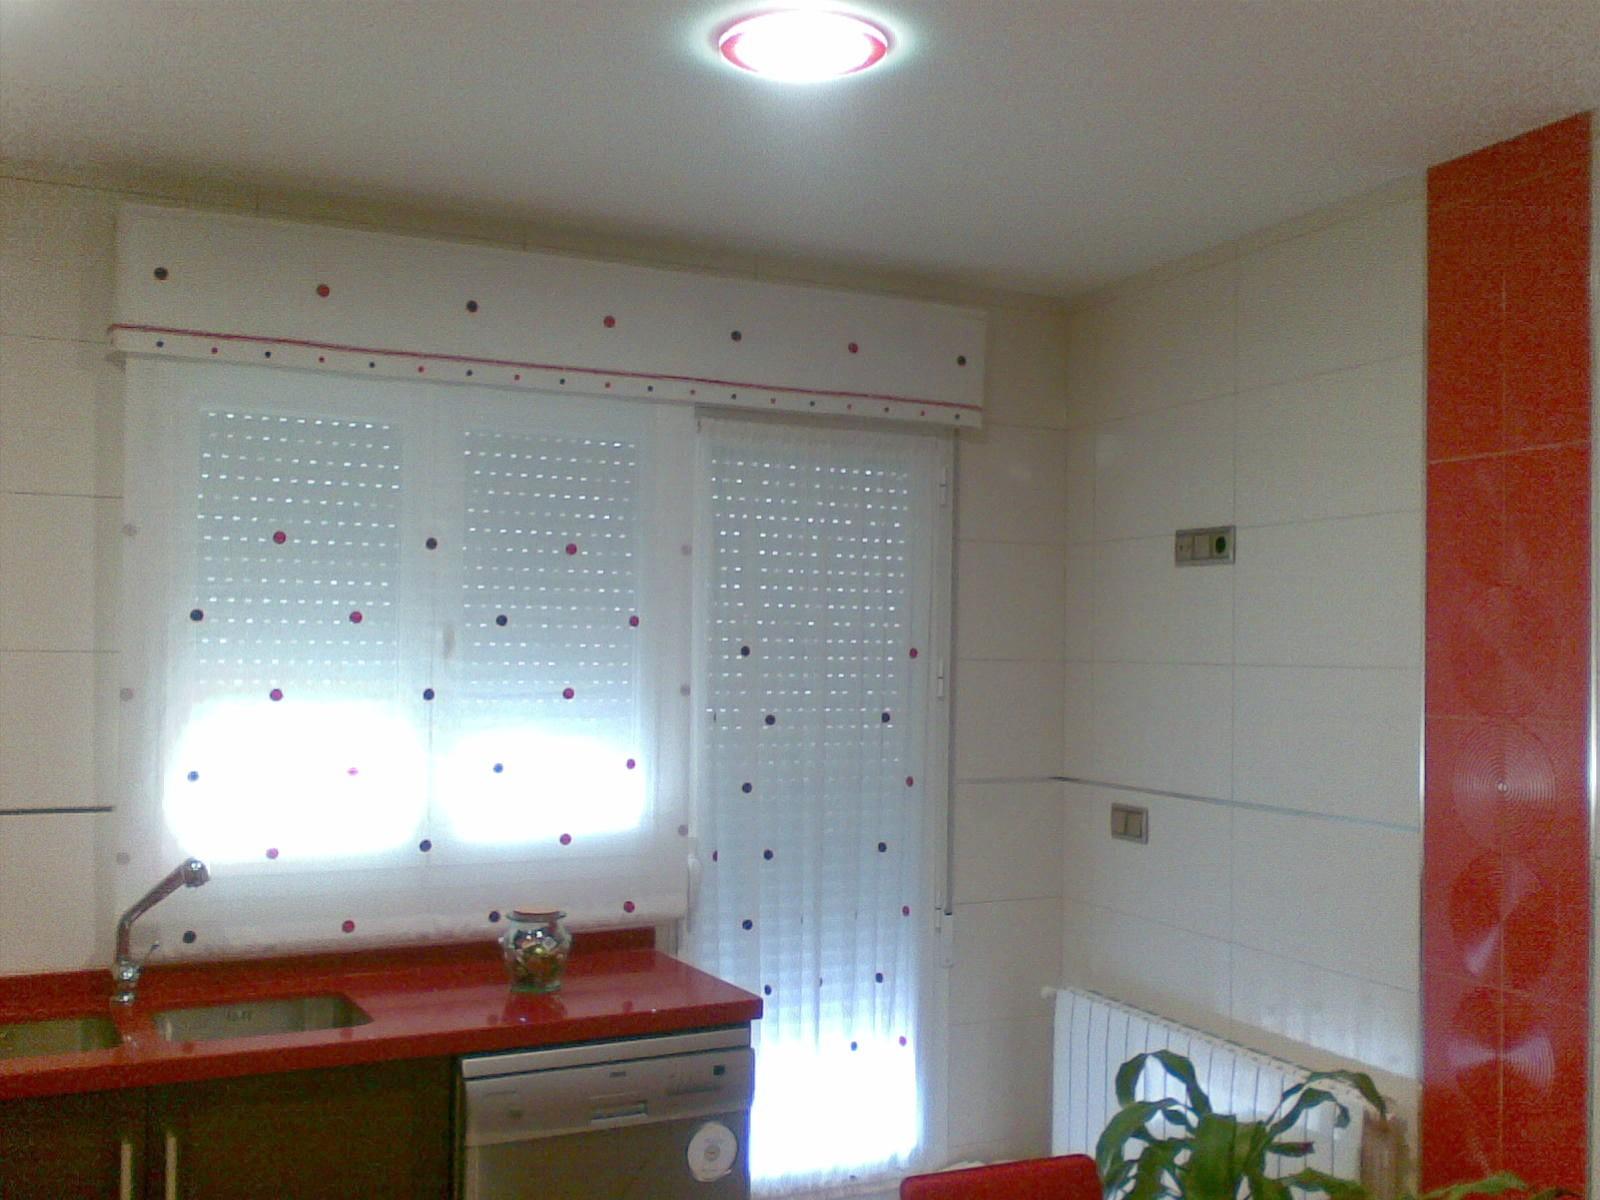 Decoracion mueble sofa cortinas cocina puerta terraza for Decoracion de cortinas de cocina